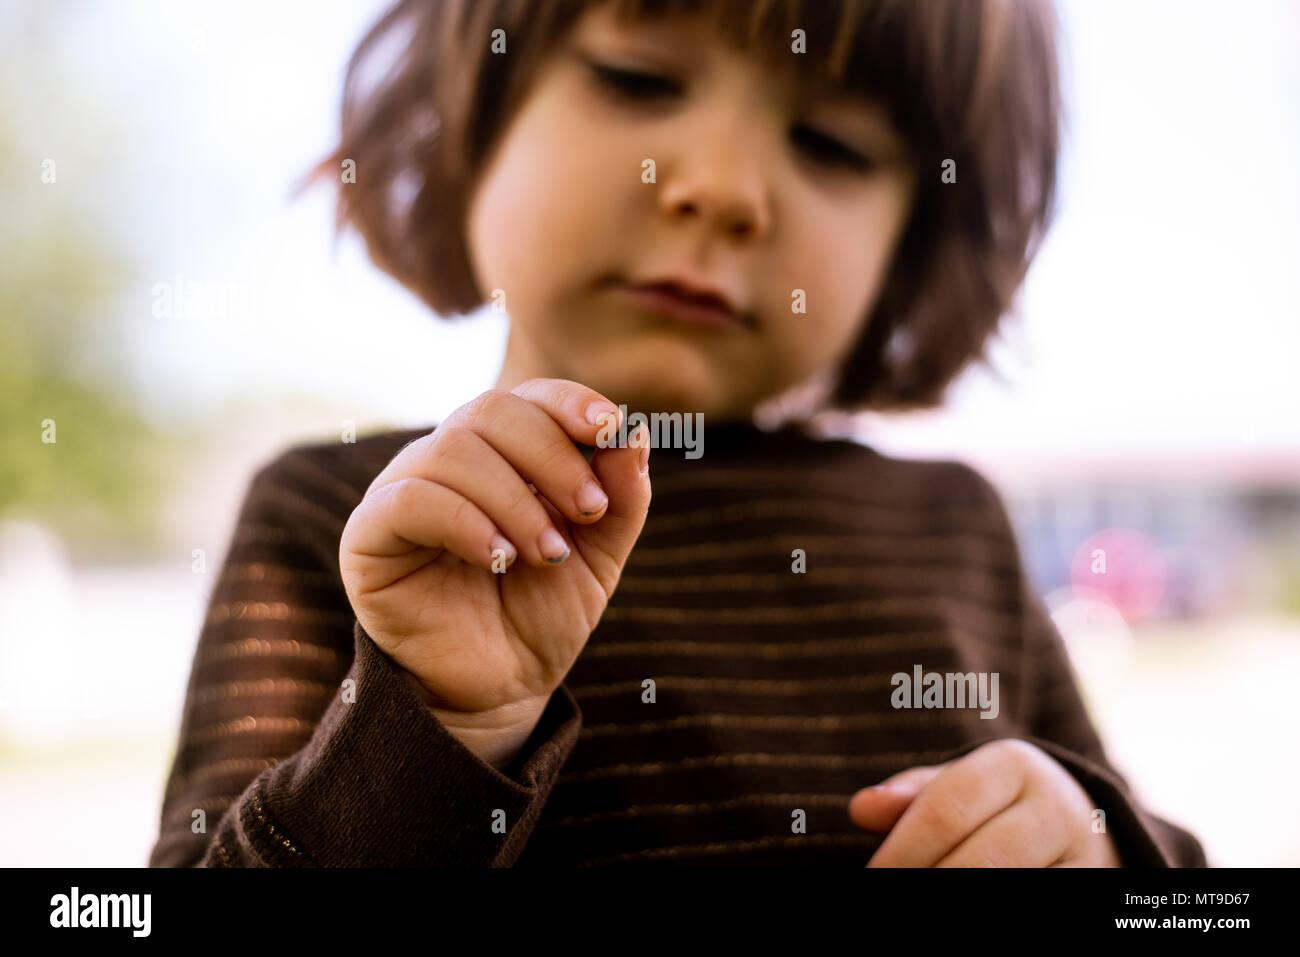 Un bébé fille tenant un bug dans ses mains. Photo Stock